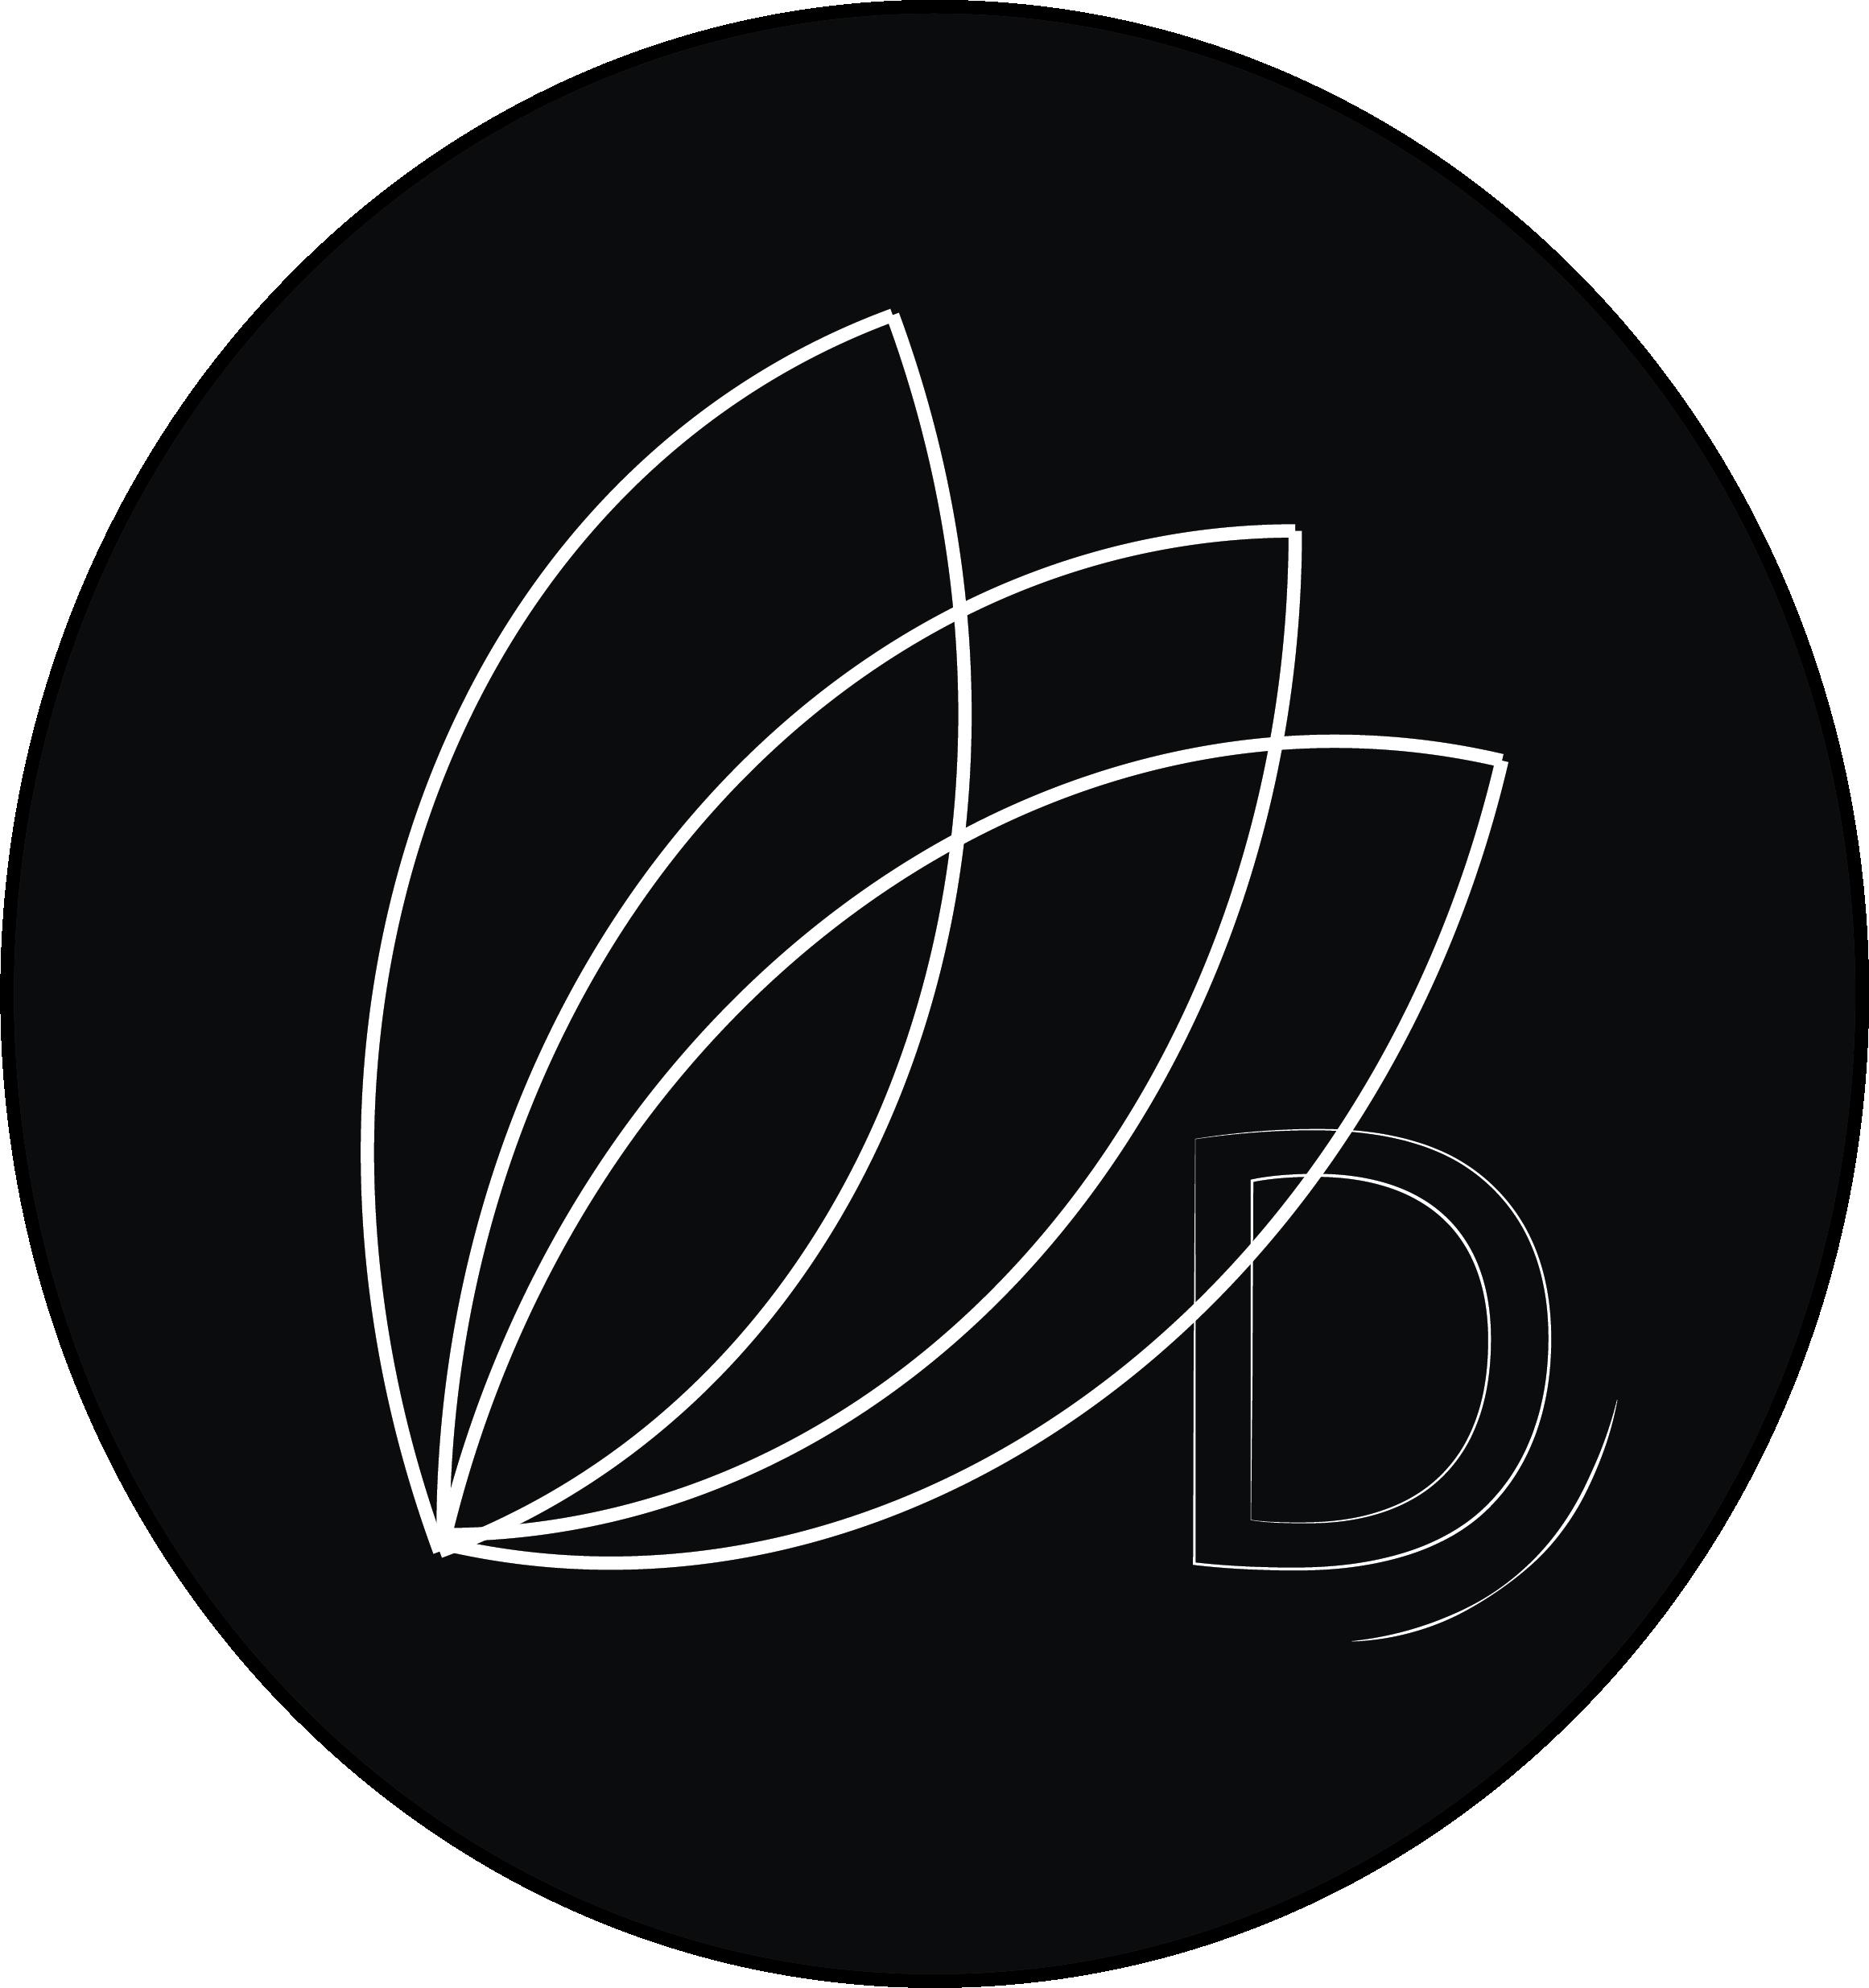 Разработать дизайн ИКОНКИ для логотипа для сети магазинов мужской одежды. фото f_1555e2c6055997bb.png